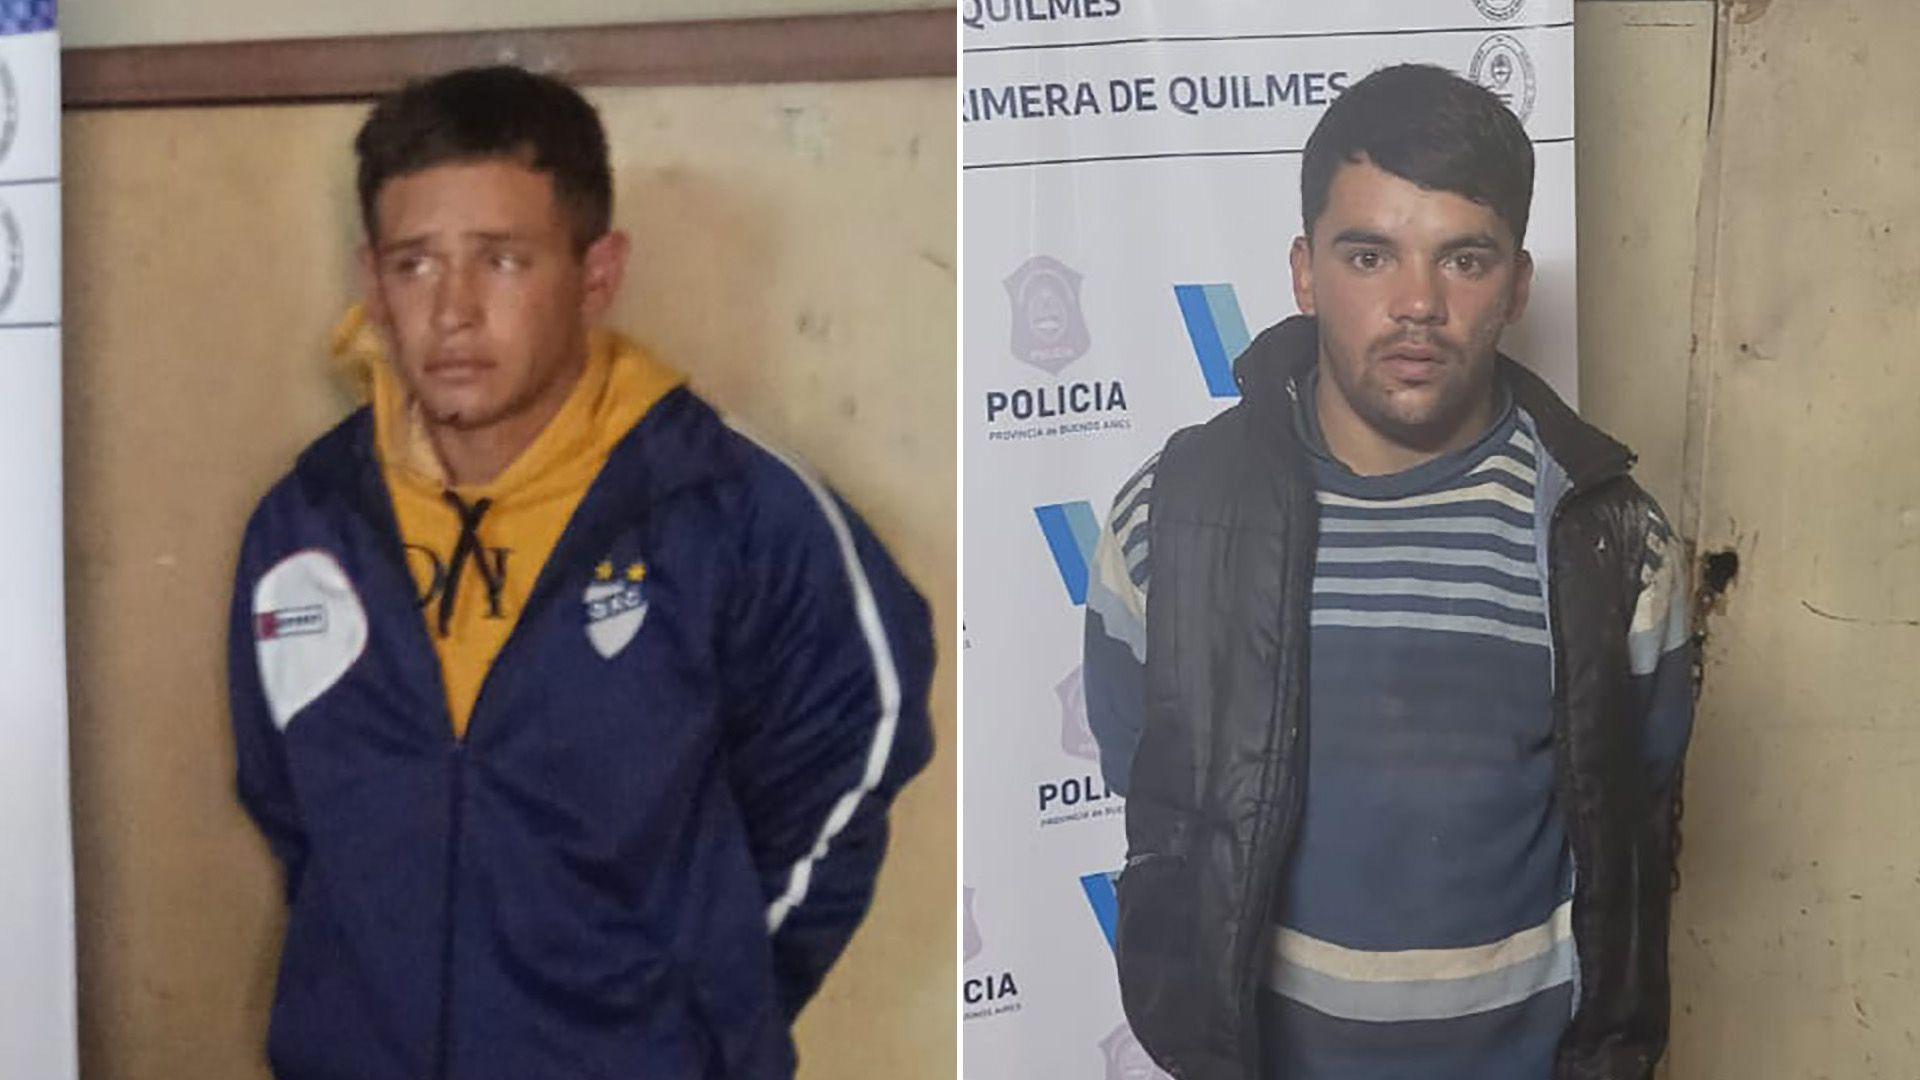 Asesinato en Quilmes: hay dos detenidos por el crimen de Lucas Cancino (17)